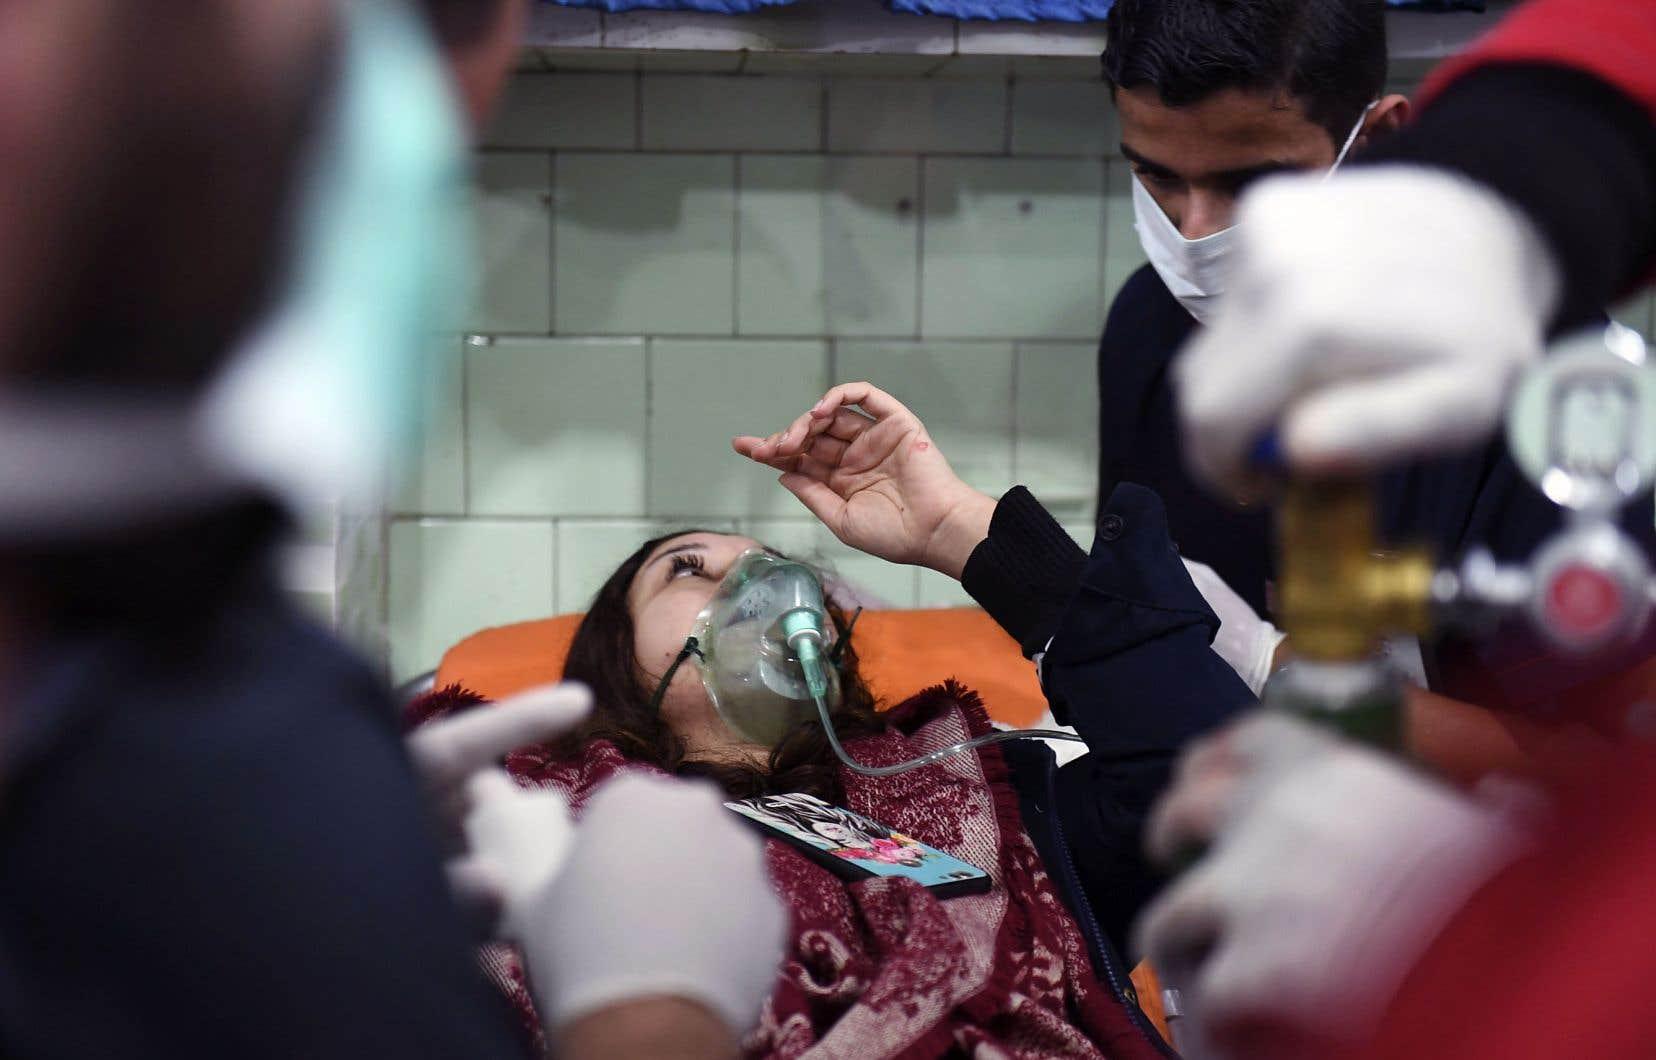 Selon un photographe de l'AFP, des dizaines de personnes, dont des femmes et des enfants, avaient afflué dans la nuit de samedi à dimanche vers un hôpital d'Alep.